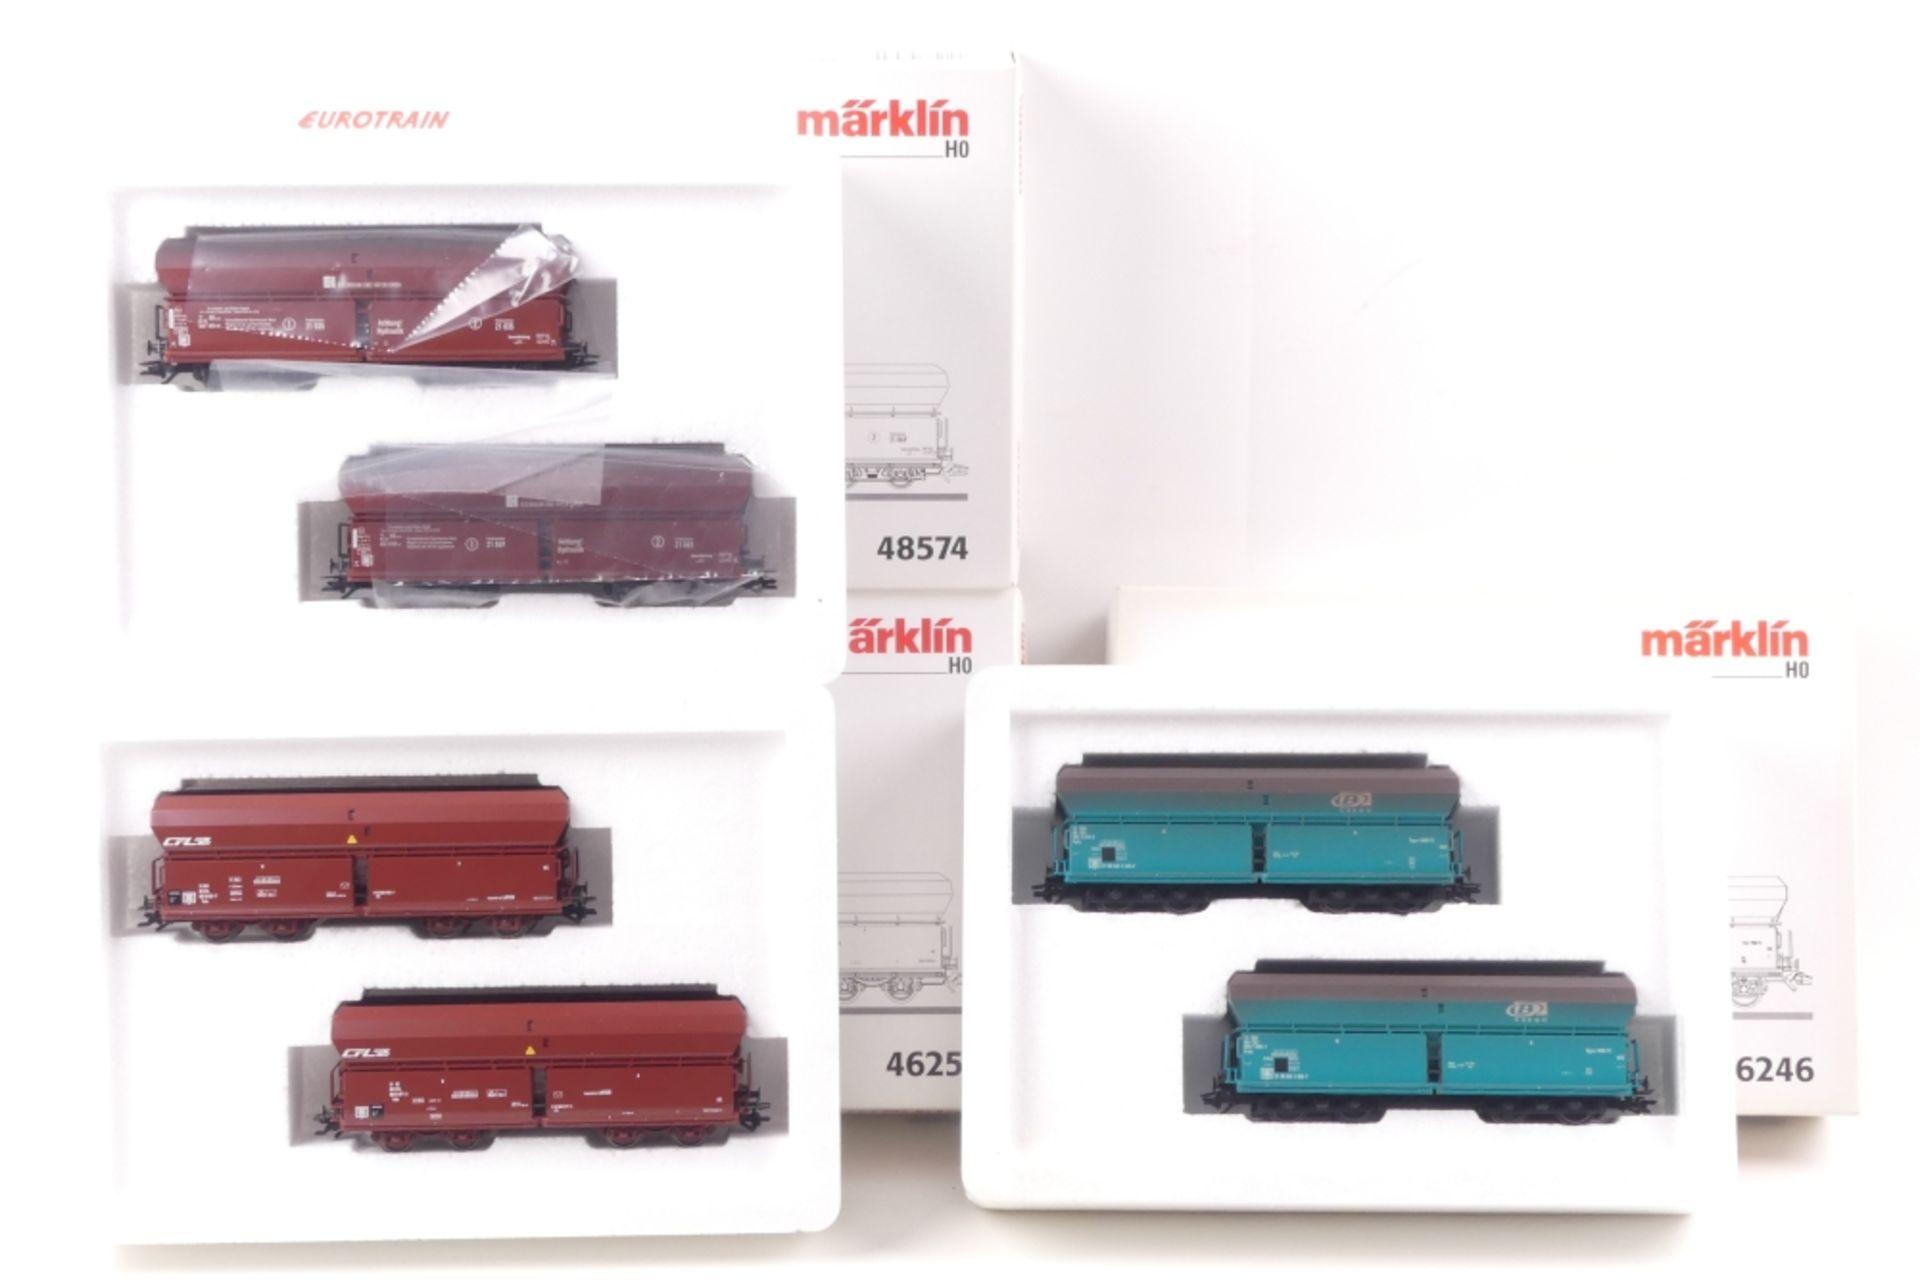 Märklin drei Wagen-SetsMärklin drei Wagen-Sets, 46251, 48578, 46246, mit Gleichstrom